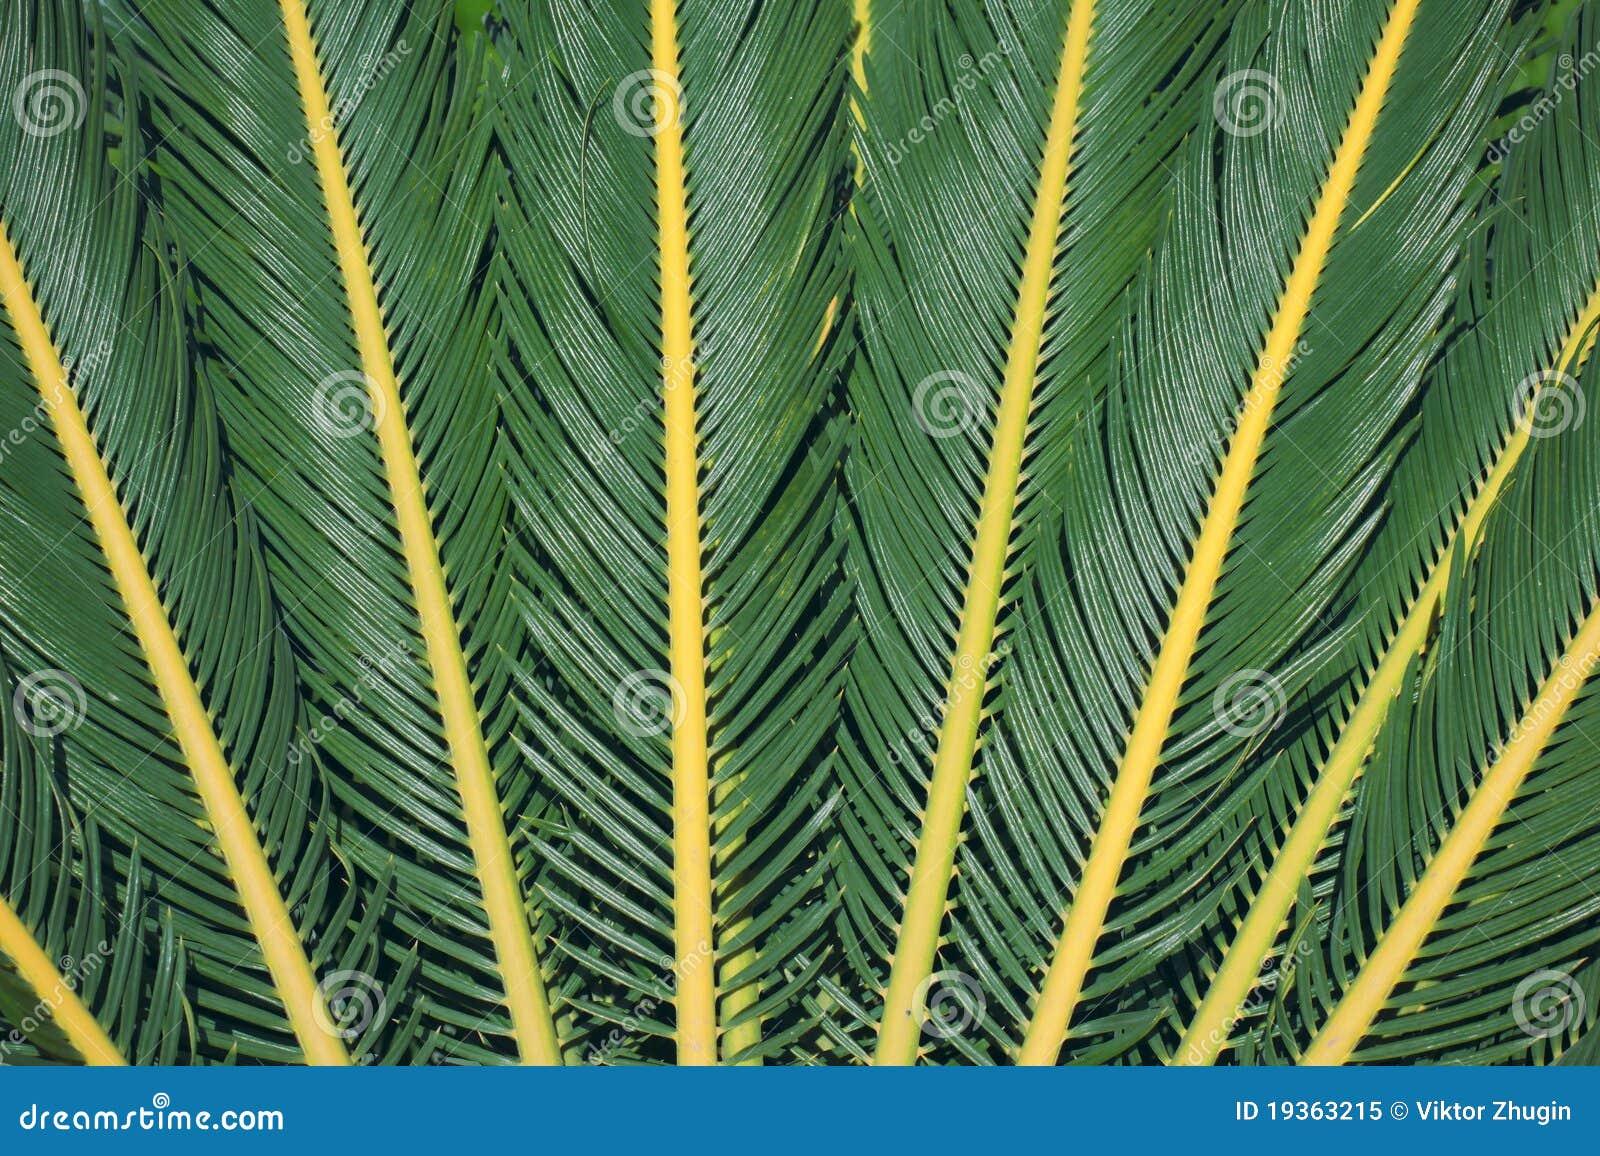 Palma deixa a textura